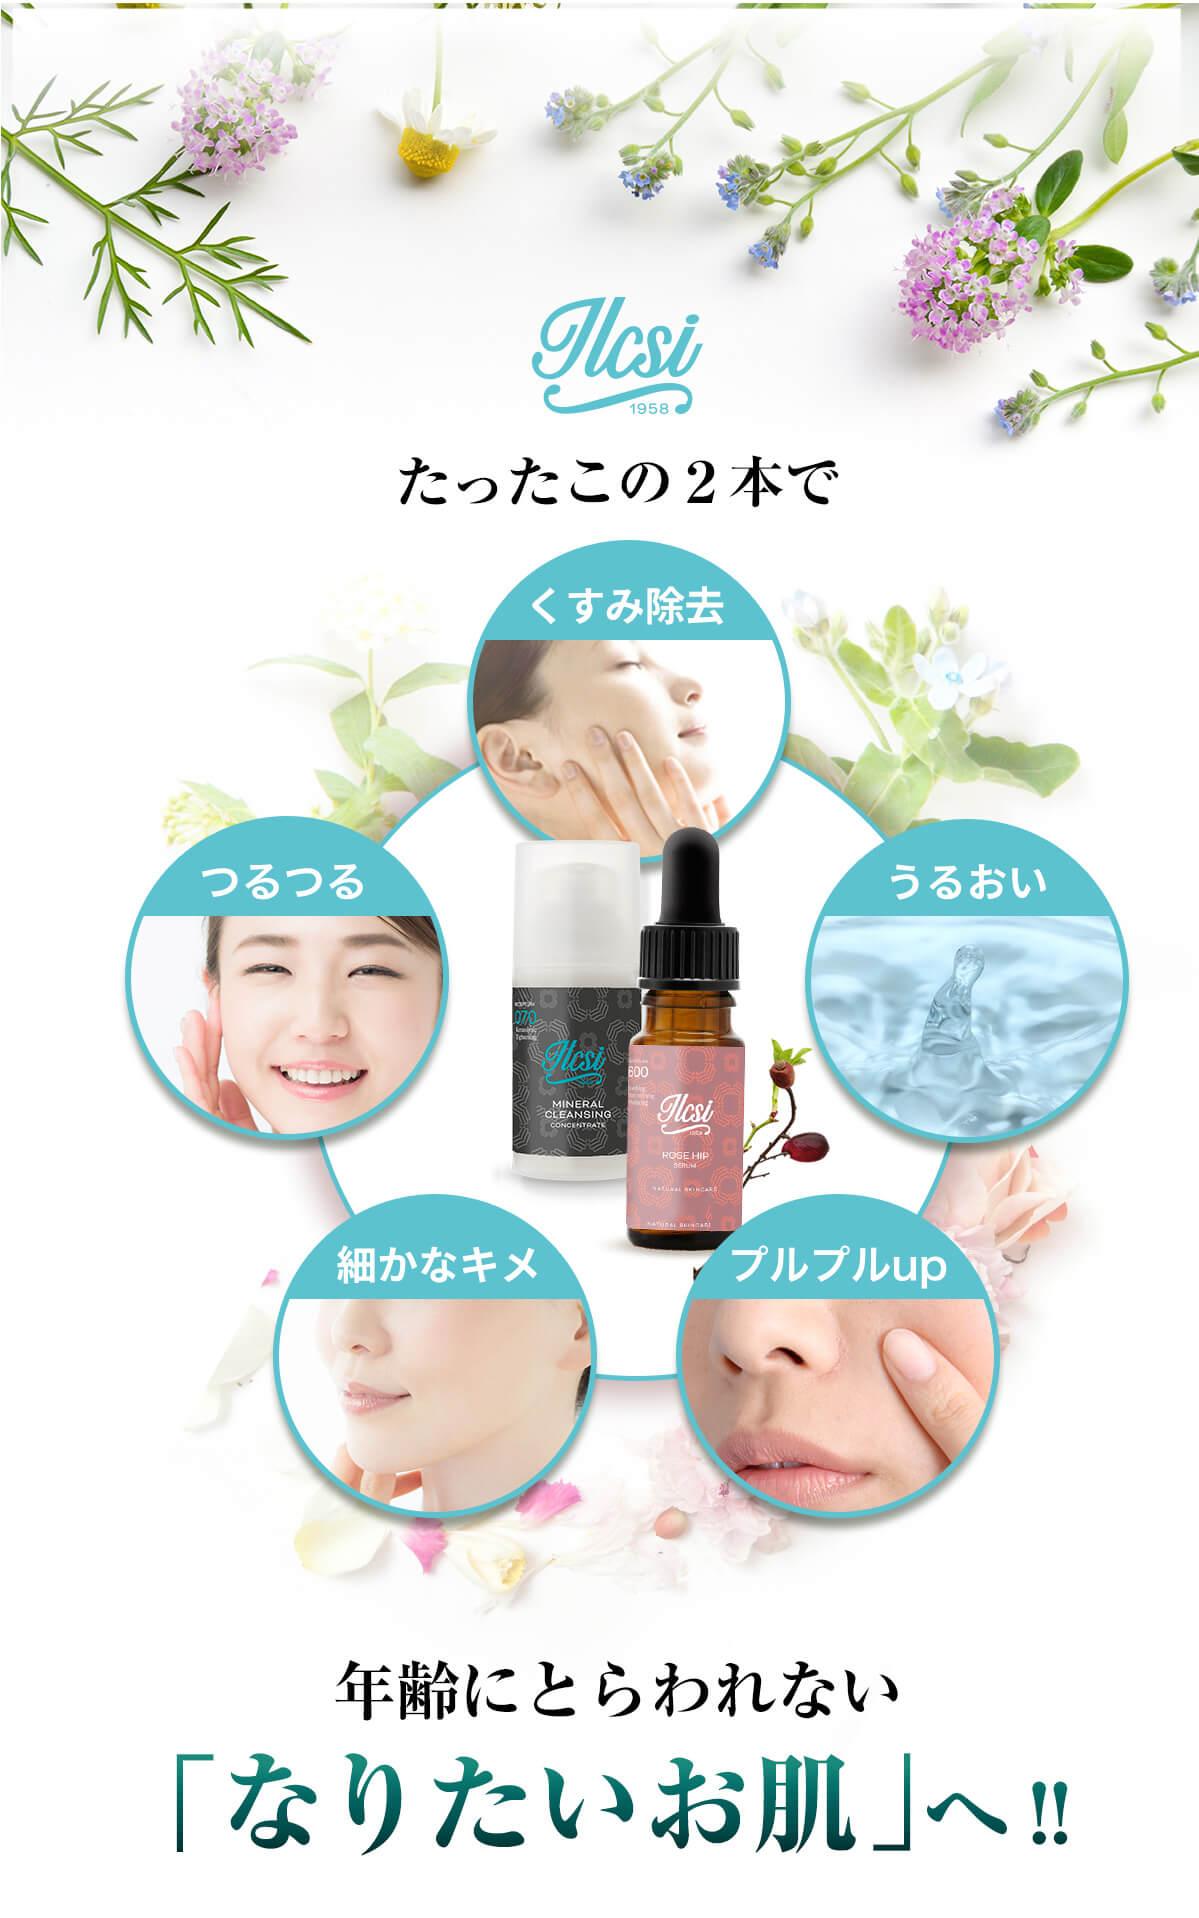 正しく洗顔して、しっかり保湿する